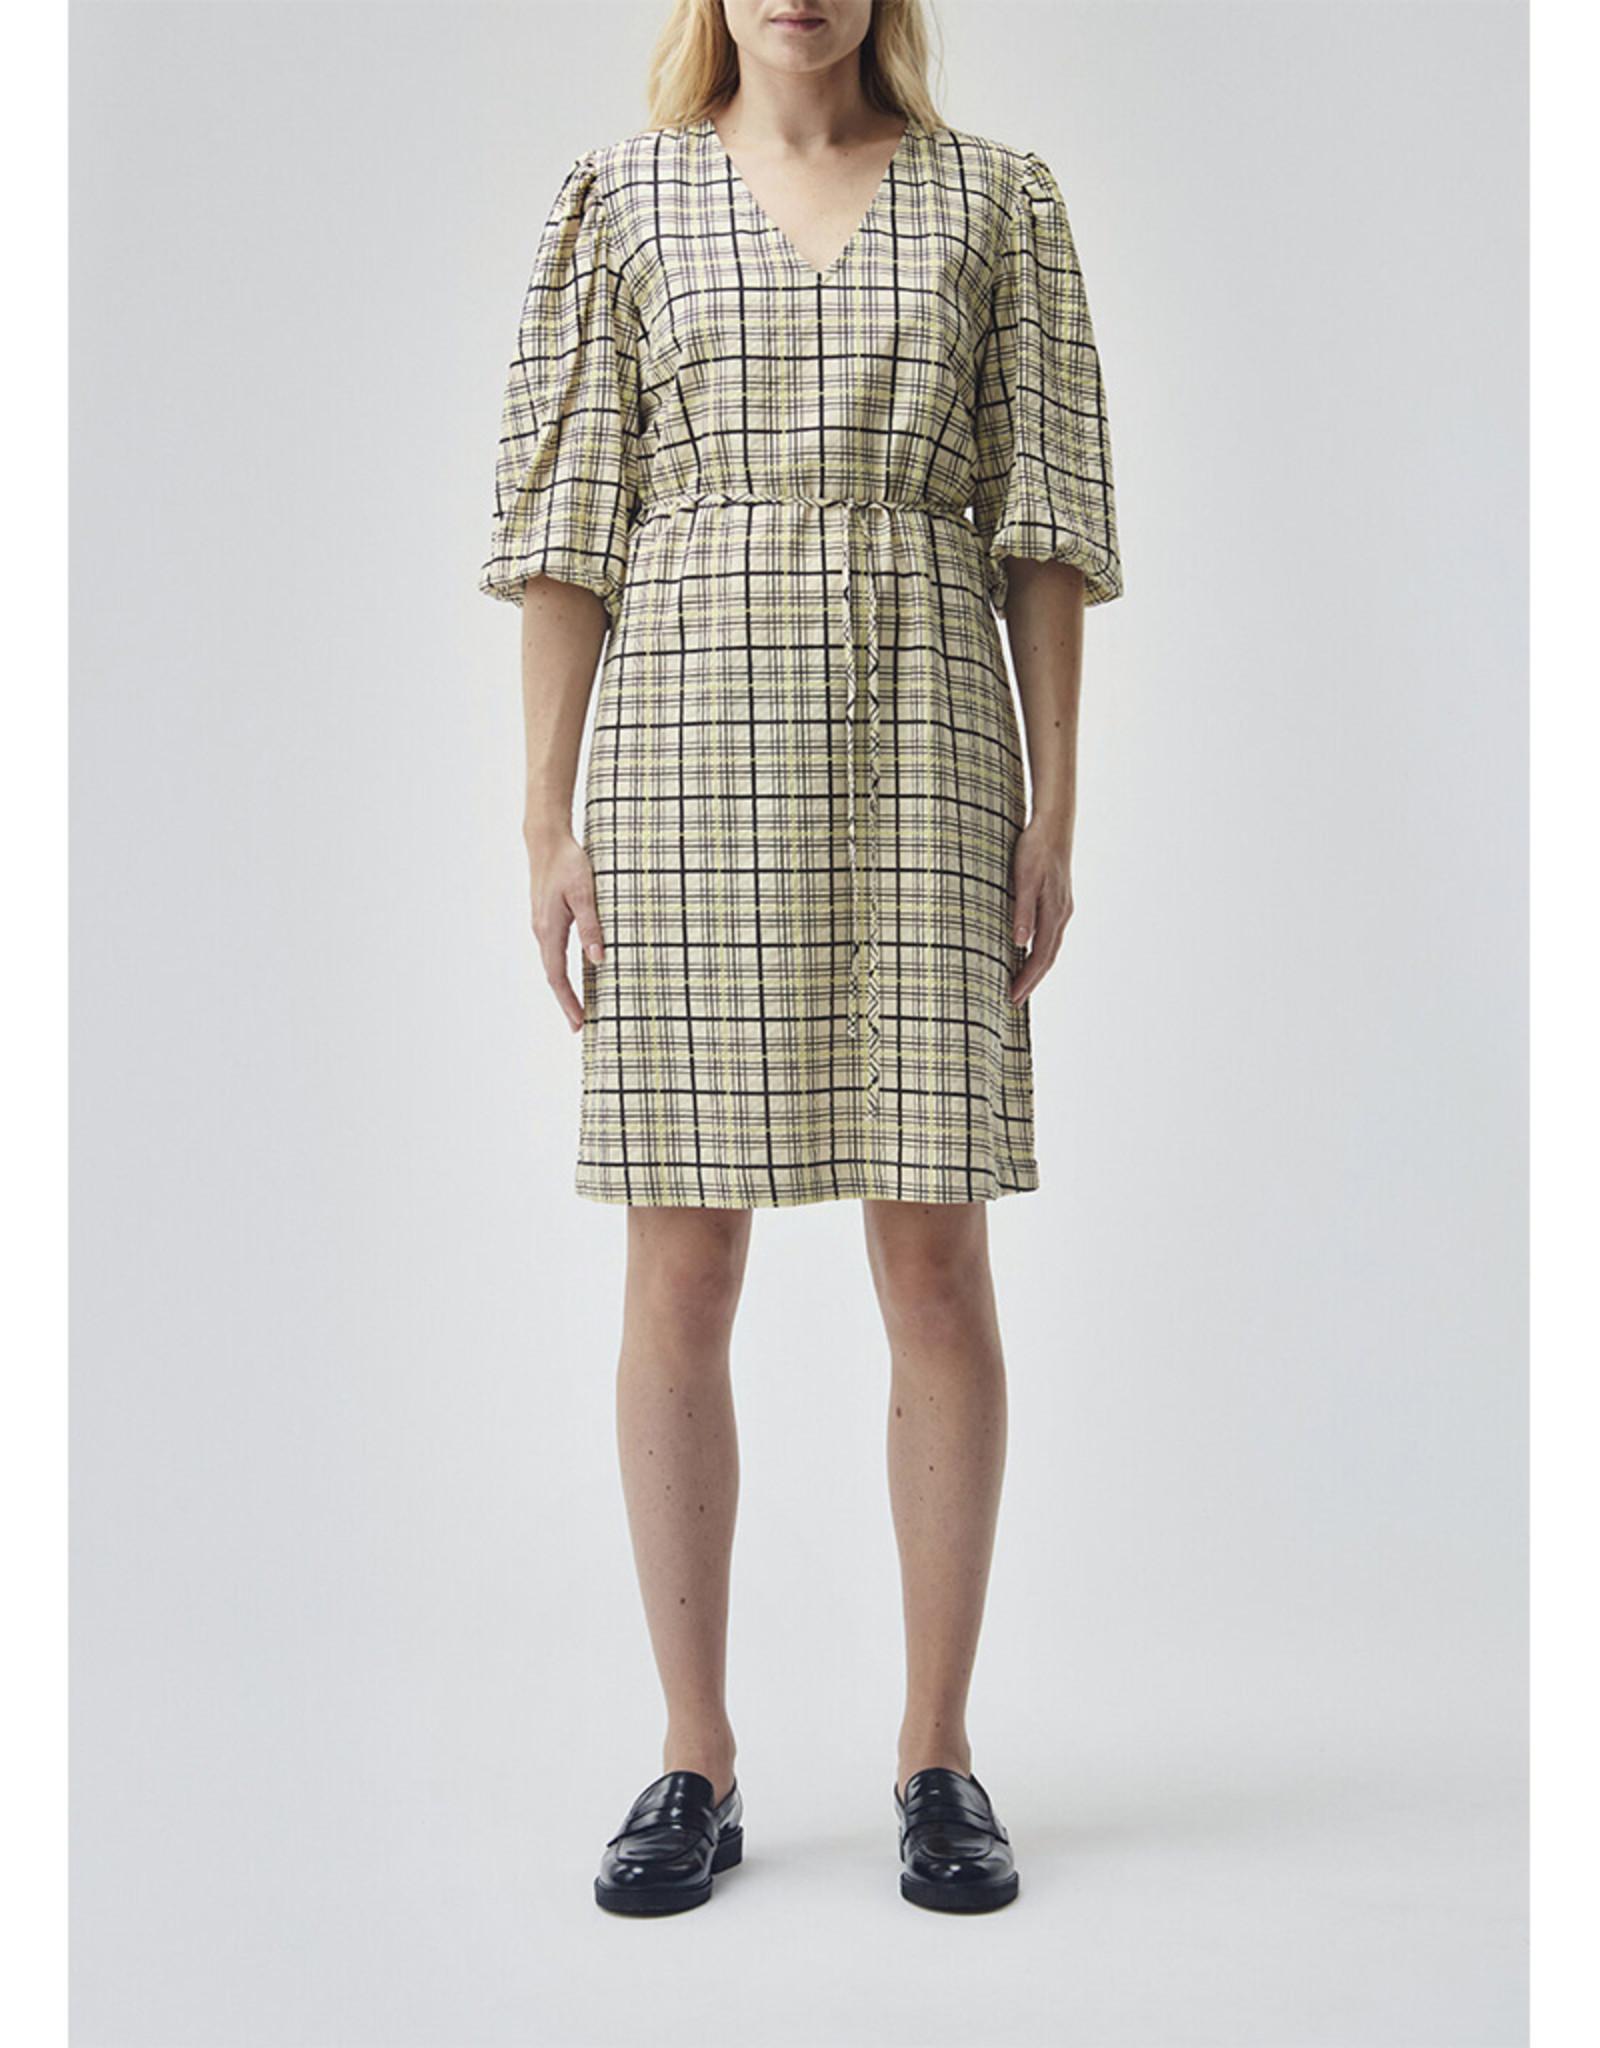 Modström Hollow Print Dress